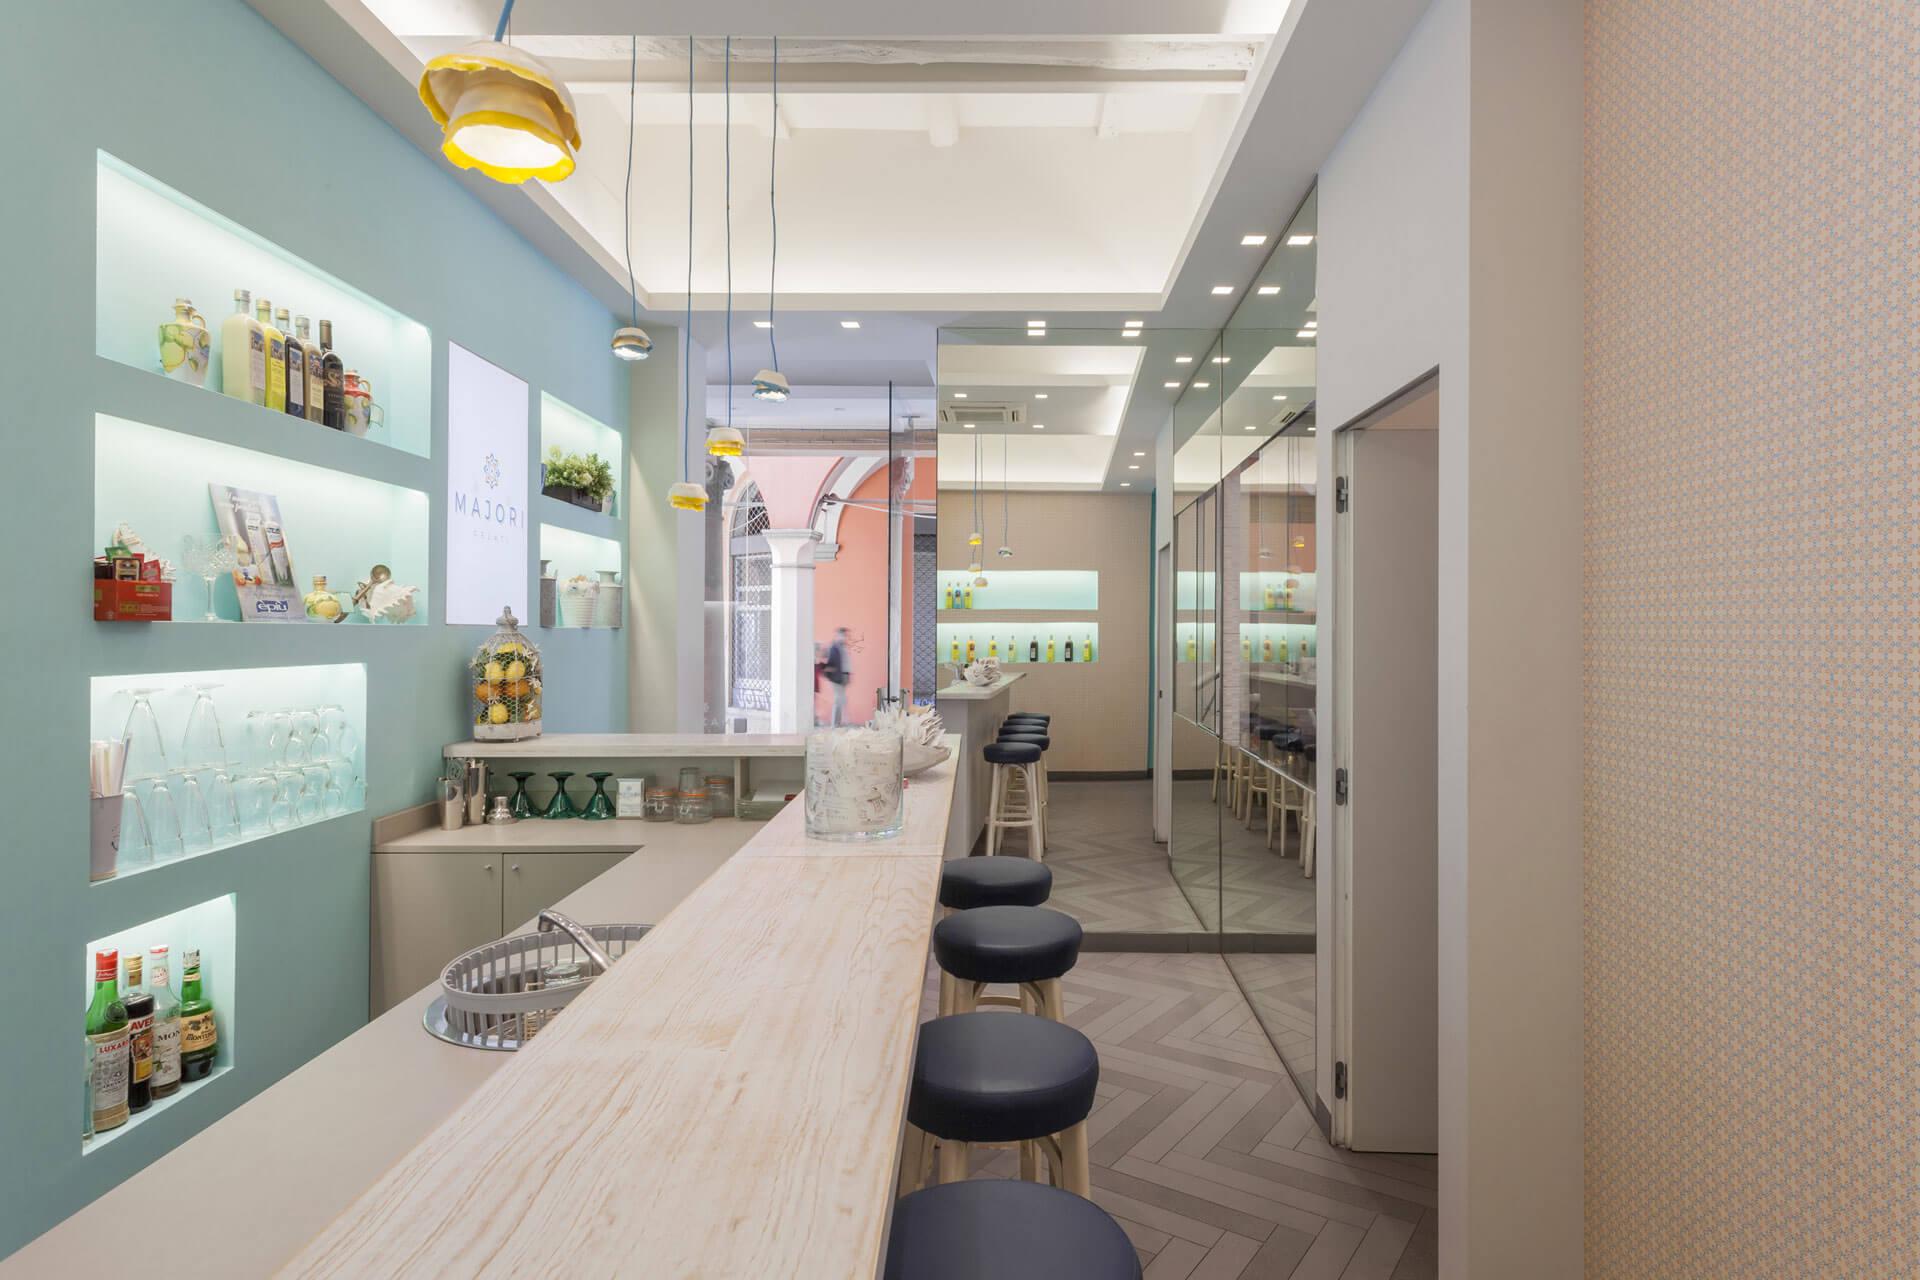 micaela-mazzoni-studio-interior-designer-bologna-progetti-commerciali-gallery-gelateria-majori-bologna-4